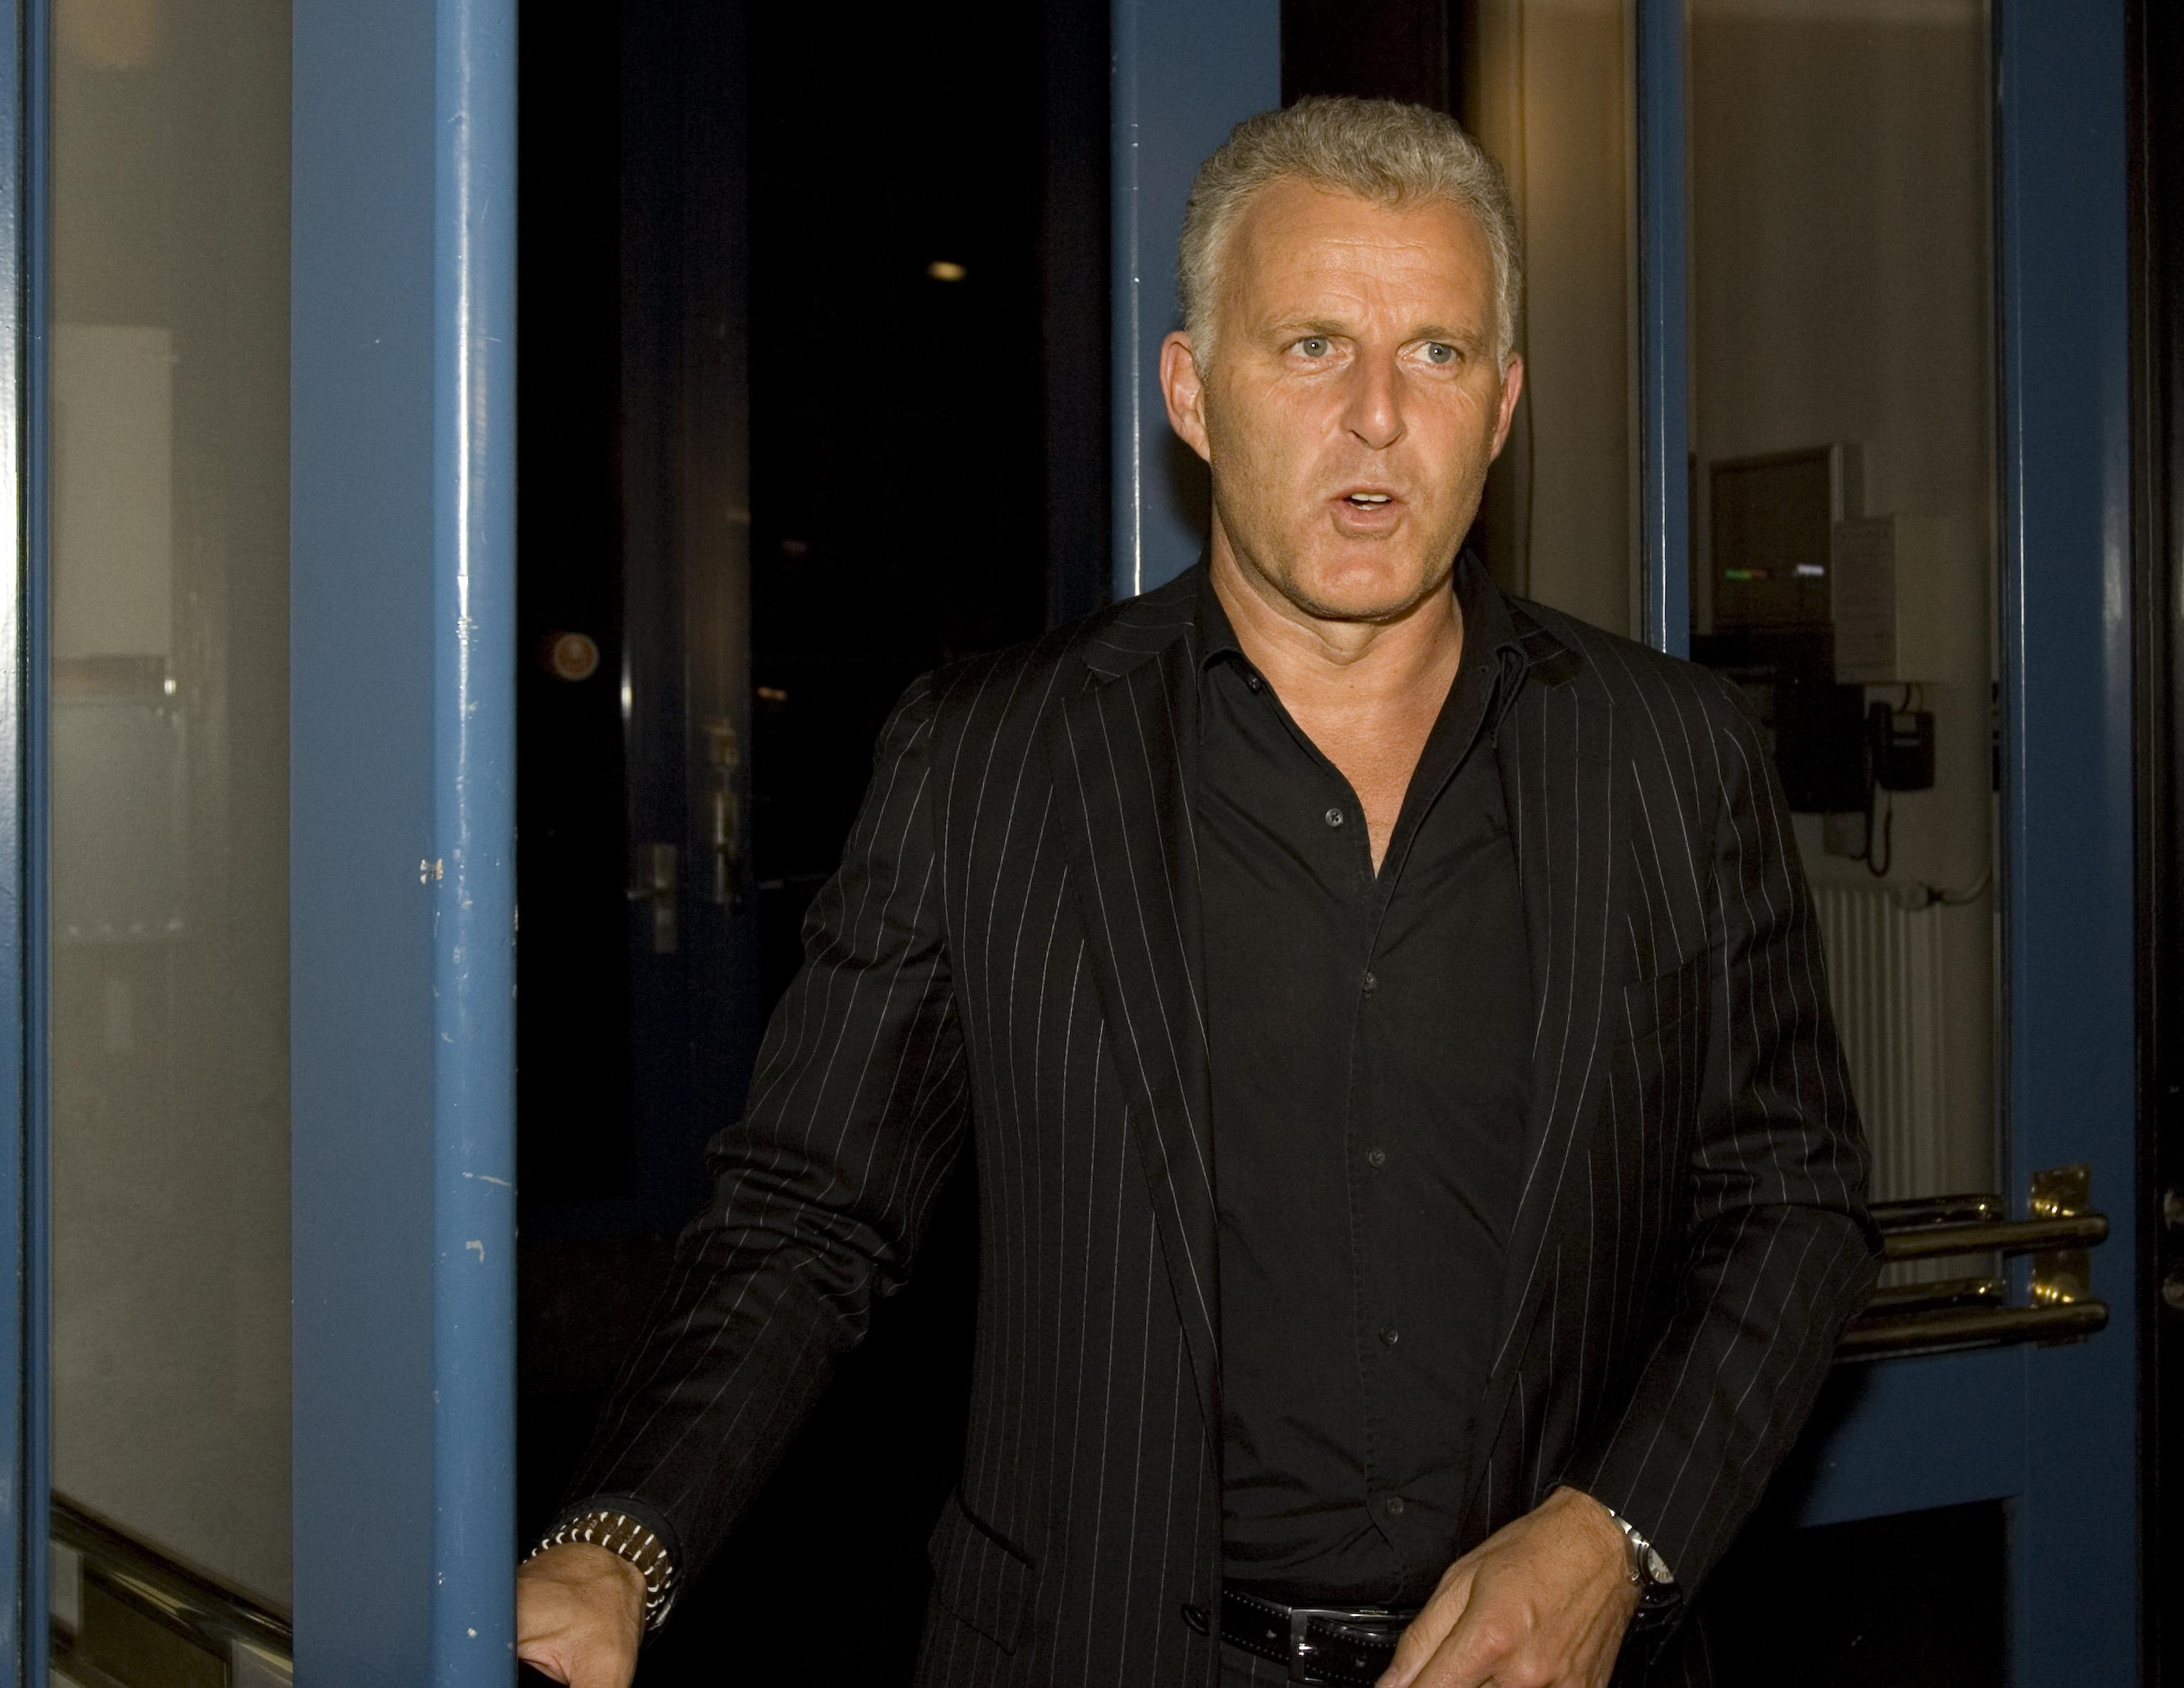 Peter R. de Vries, en una imagen de 2008.